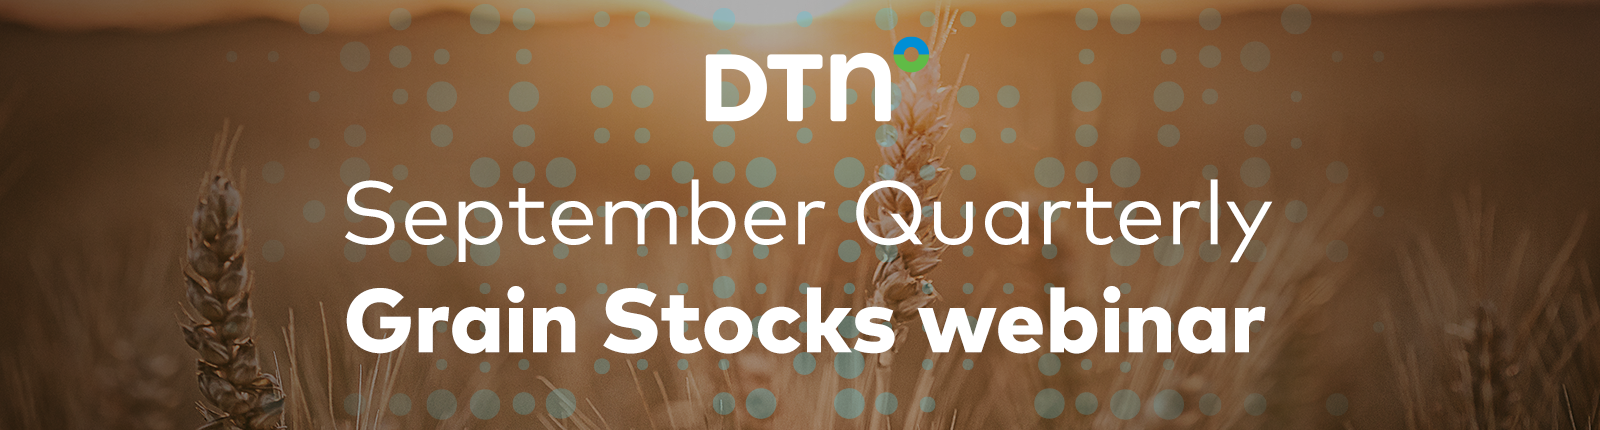 Register for our September Quarterly Grain Stocks webinar